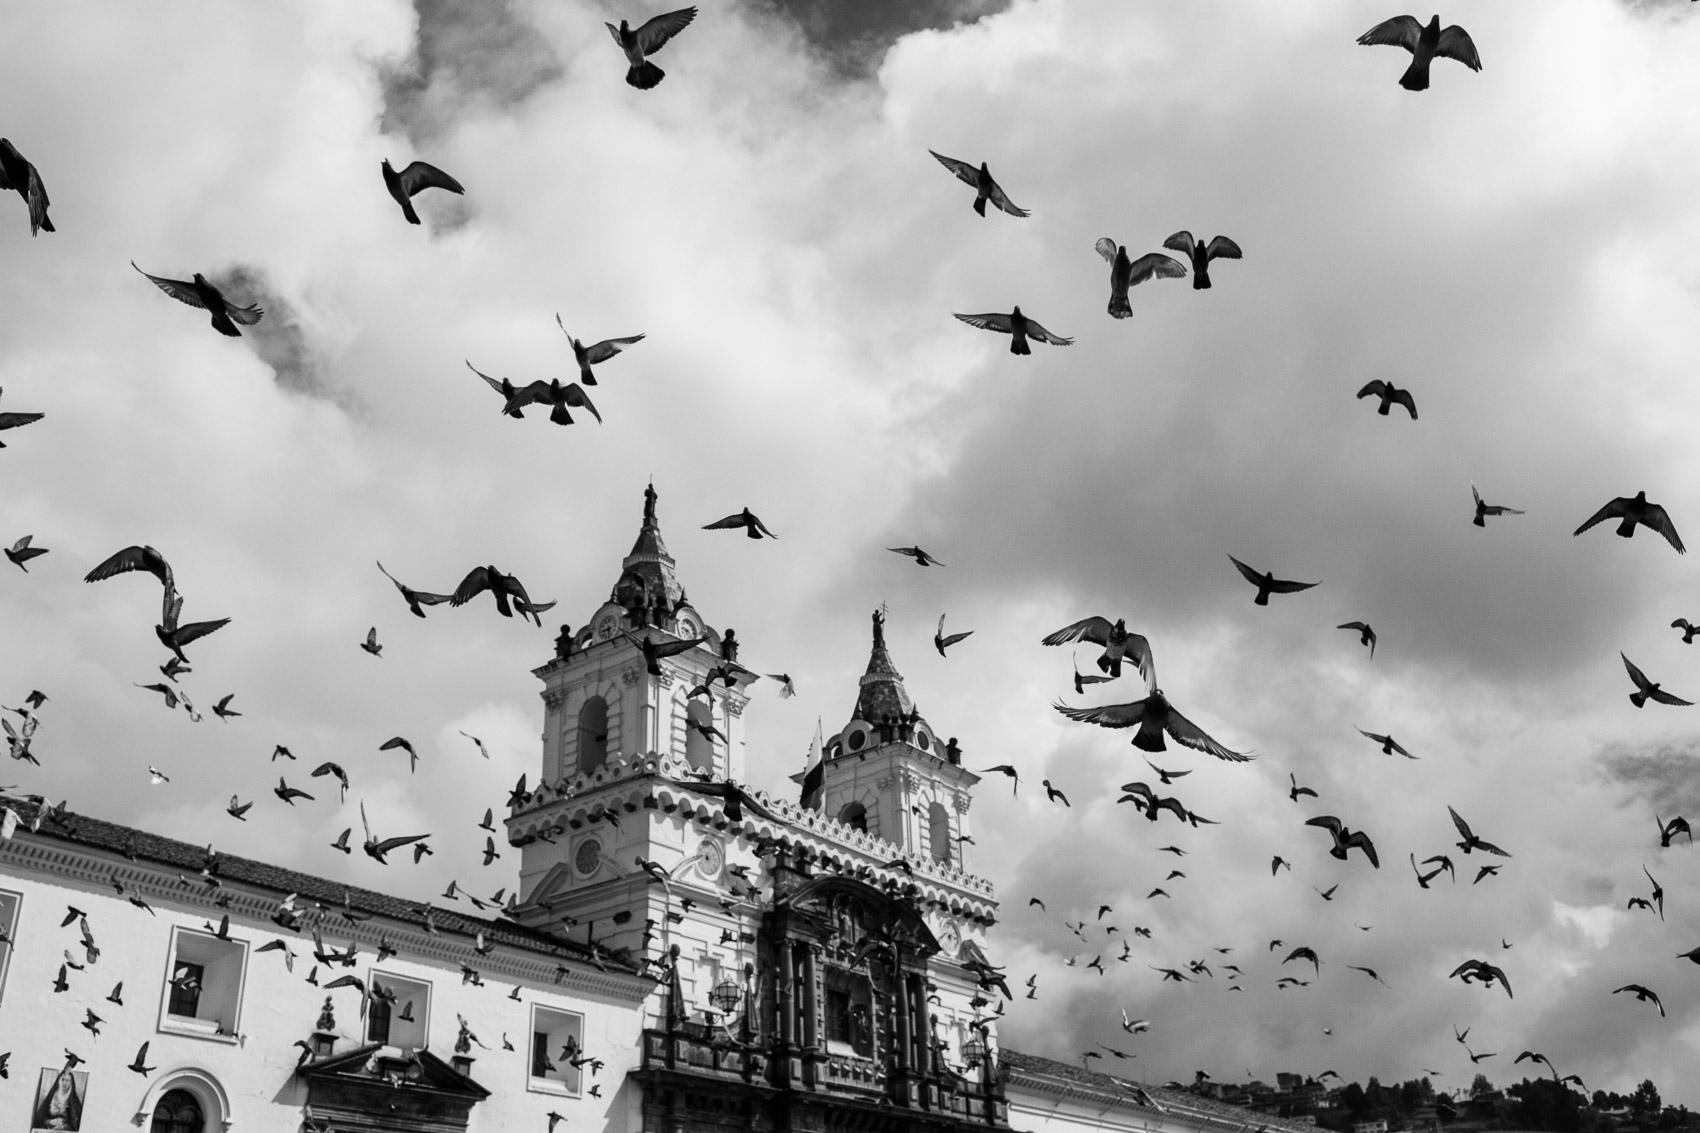 Quito, 2019